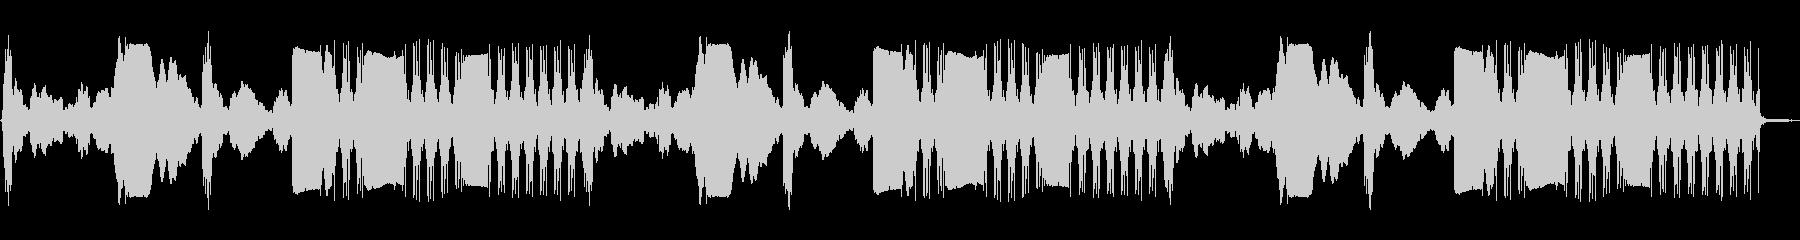 パトカー:内線:さまざまなサイレン...の未再生の波形